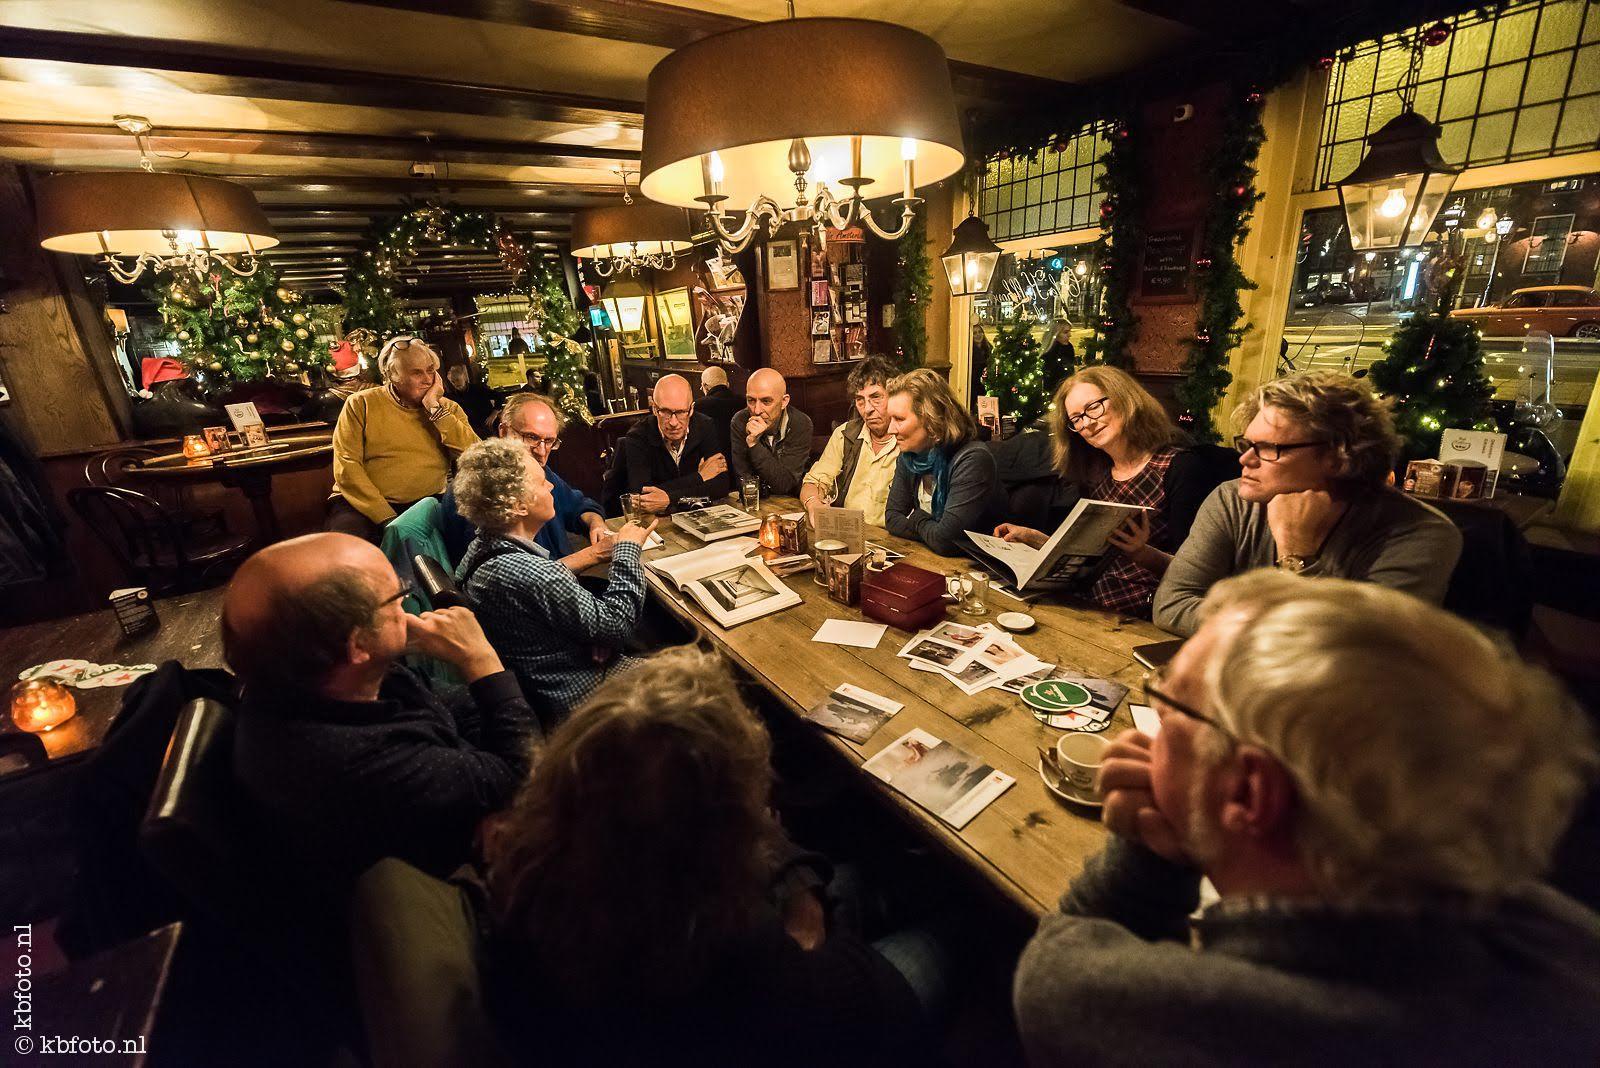 fotografenavond in Café Kalkhoven